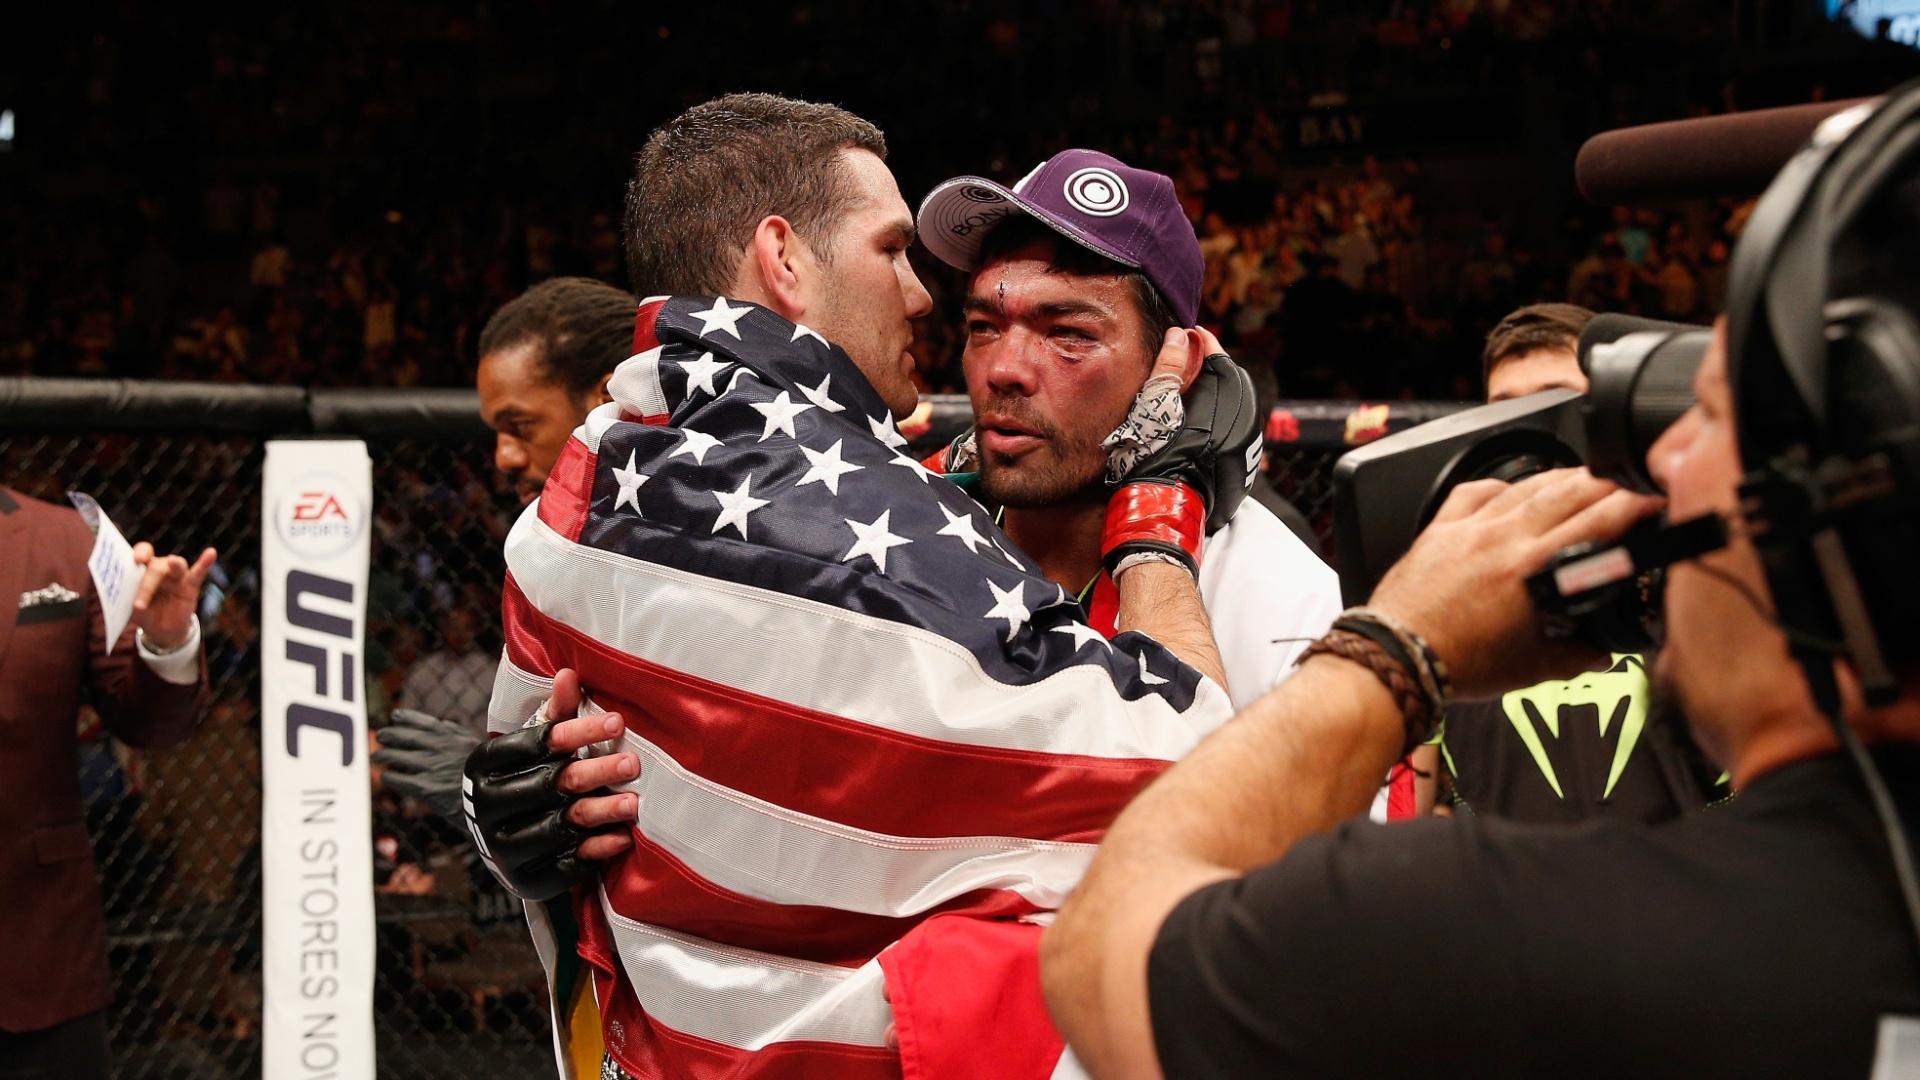 05.jul.2014 - Chris Weidman cumprimenta Lyoto Machida depois de vencer a luta no UFC 175 e manter o cinturão dos médios